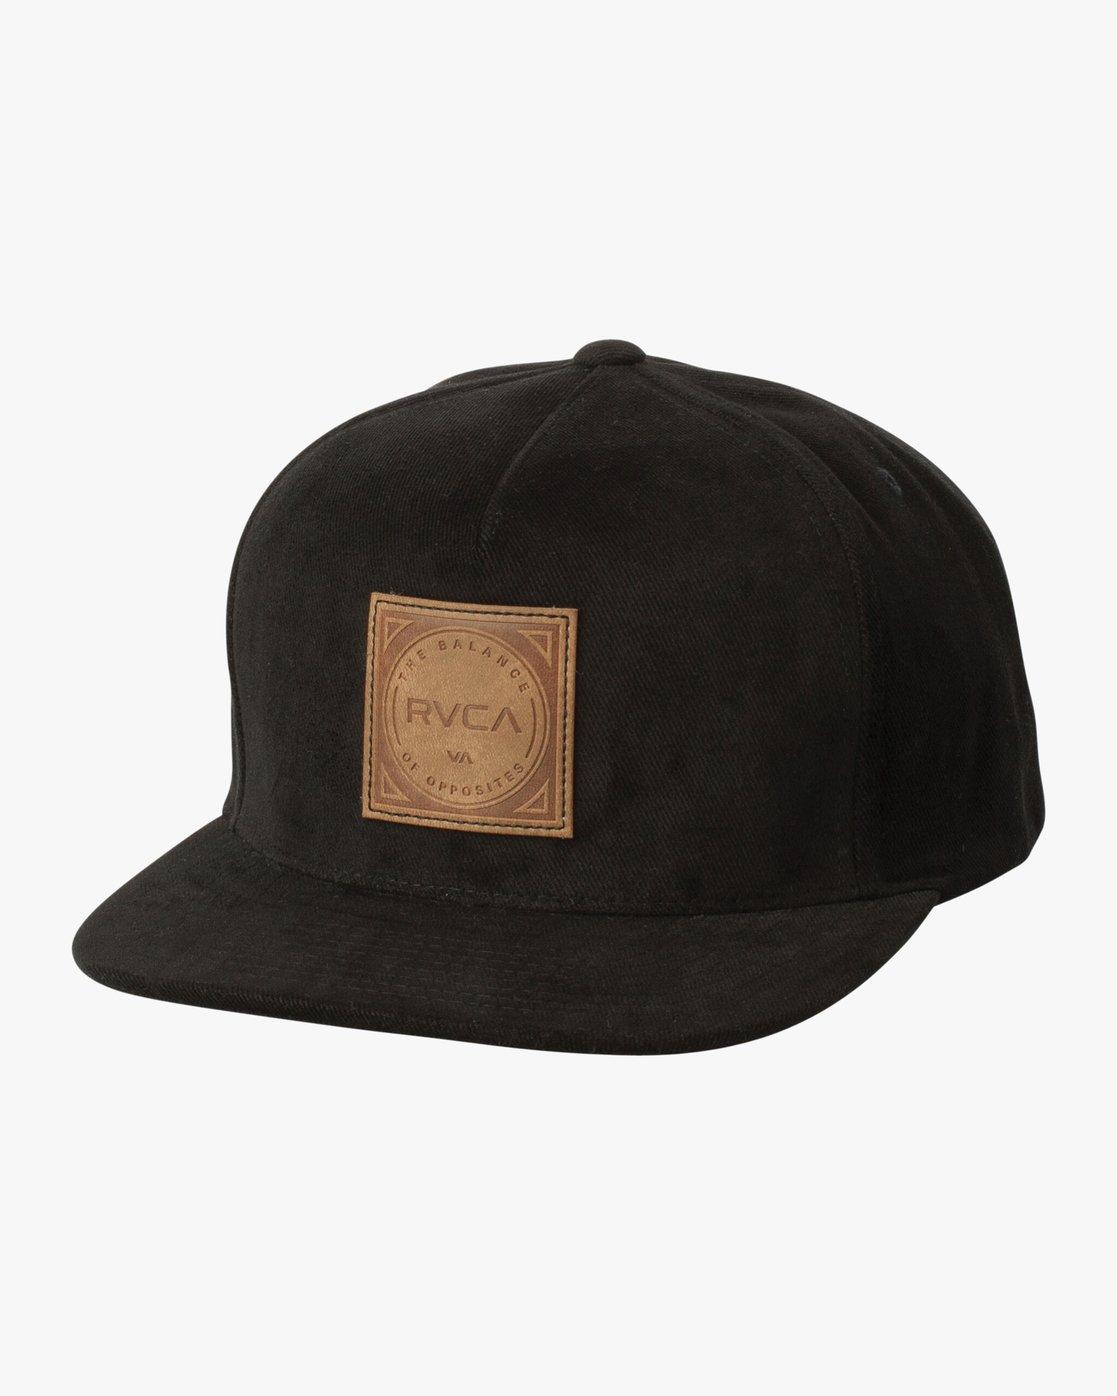 d9abebf3afe2a8 0 Mills Snapback Hat Black MAHWSRMS RVCA